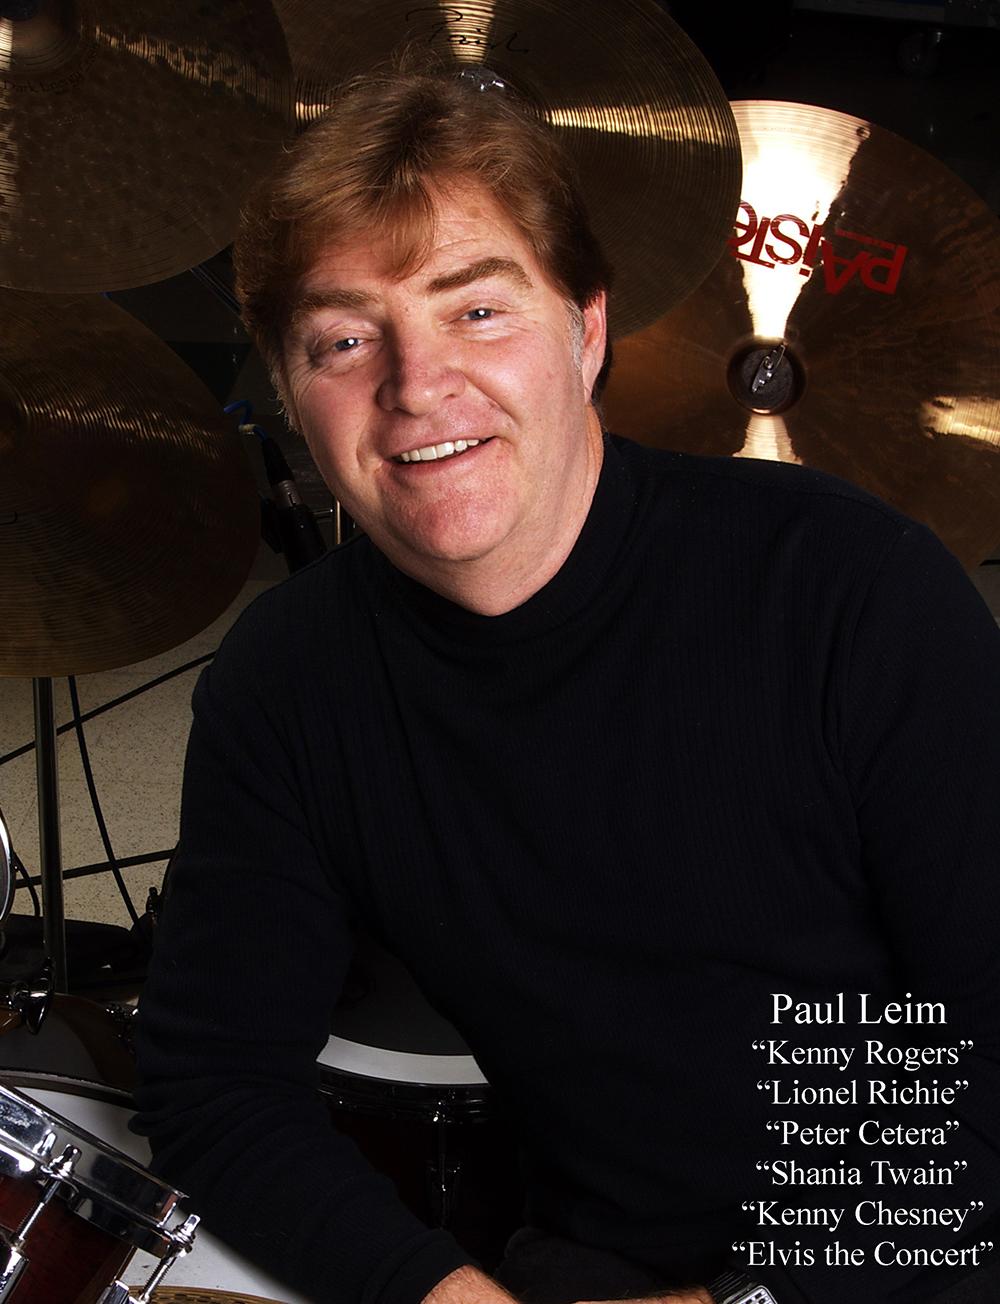 Paul Leim.